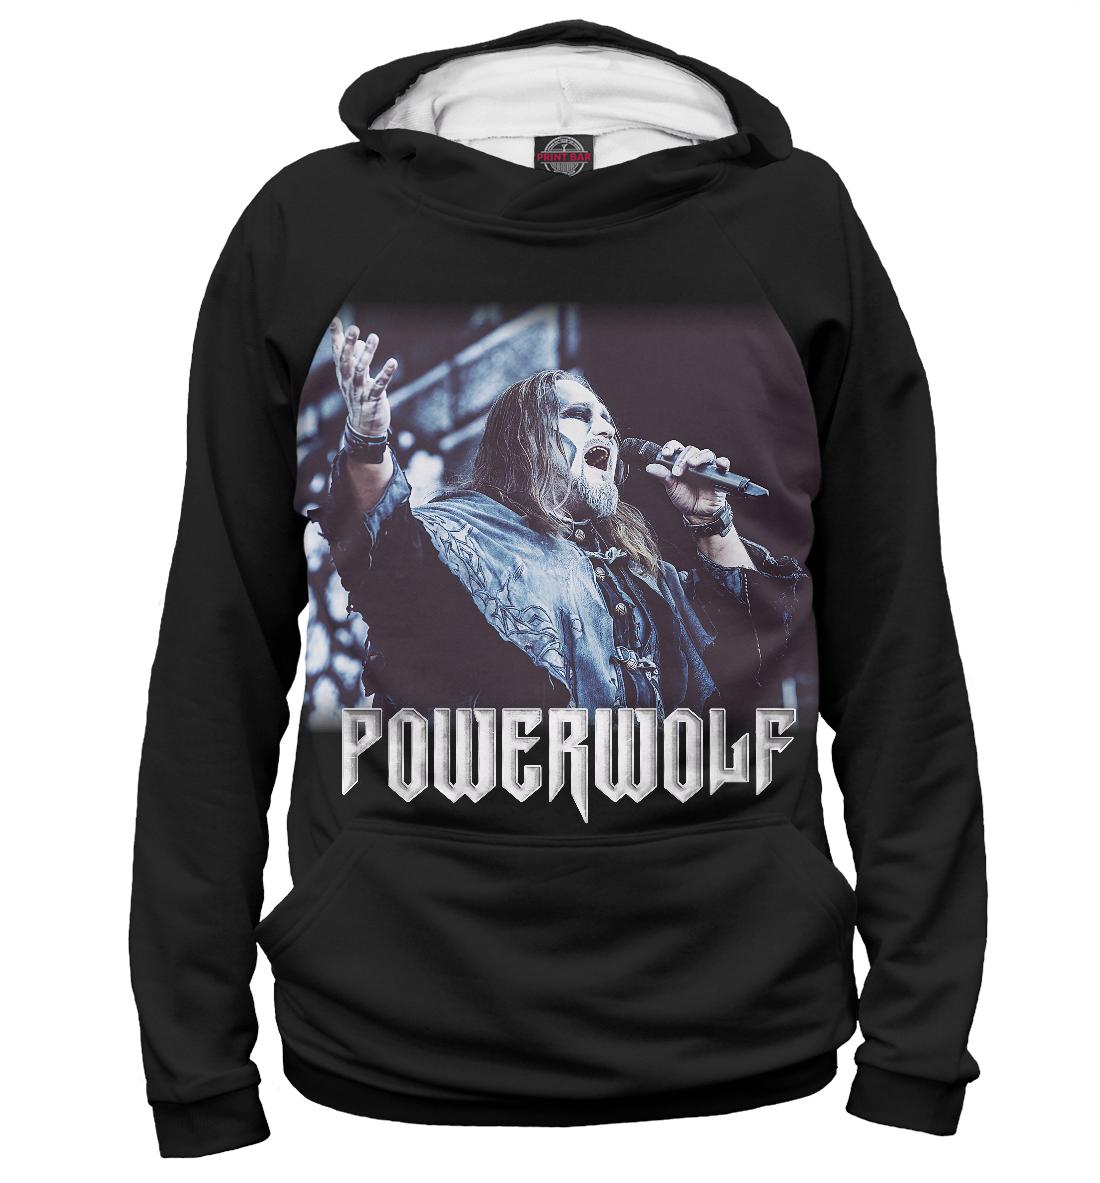 Купить Powerwolf - Attila Dorn, Printbar, Худи, PWF-453531-hud-2